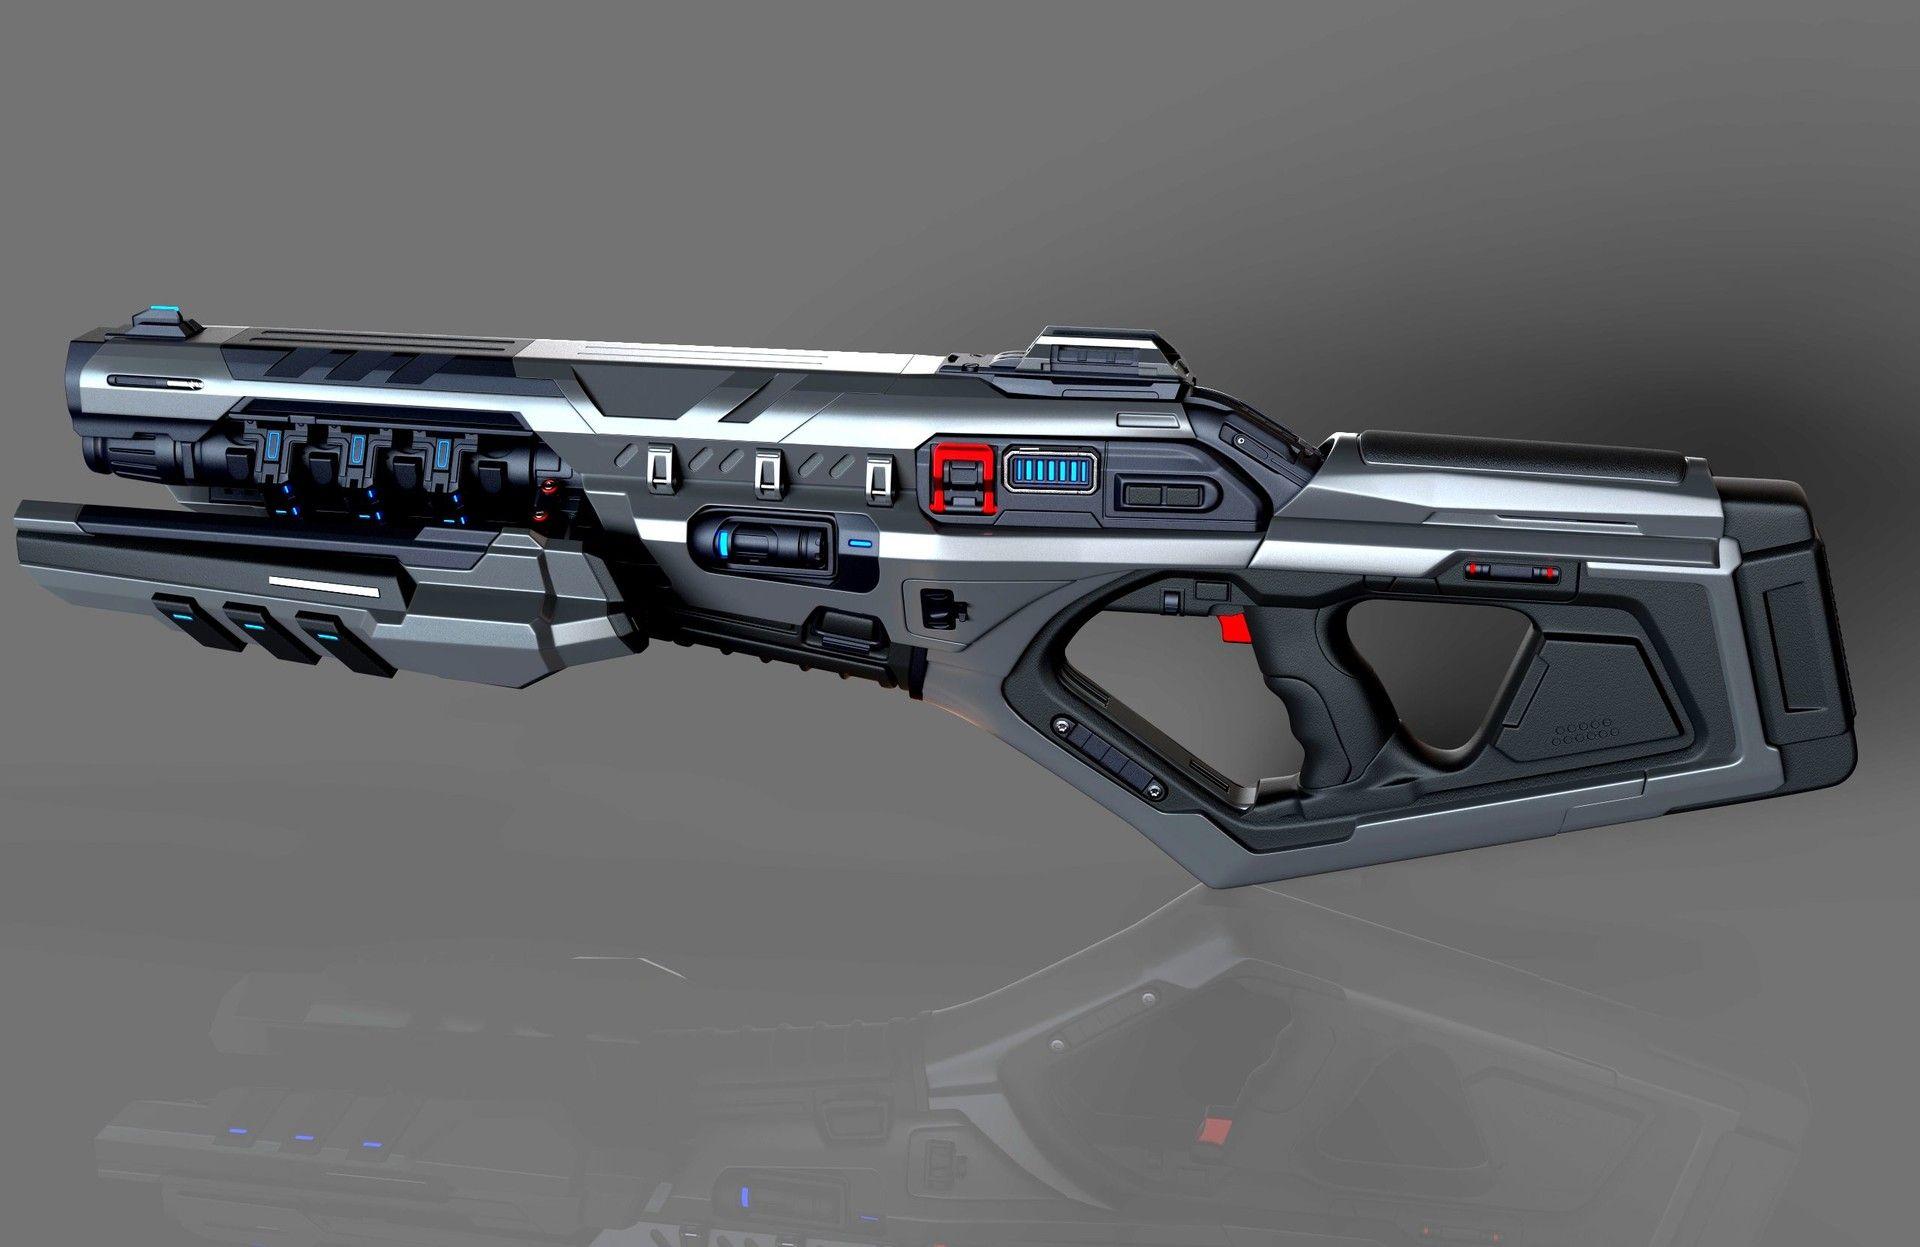 Dewalt AR-15 nail gun. Can nail a 6-D nail through a 2x4 at 200 yard ...